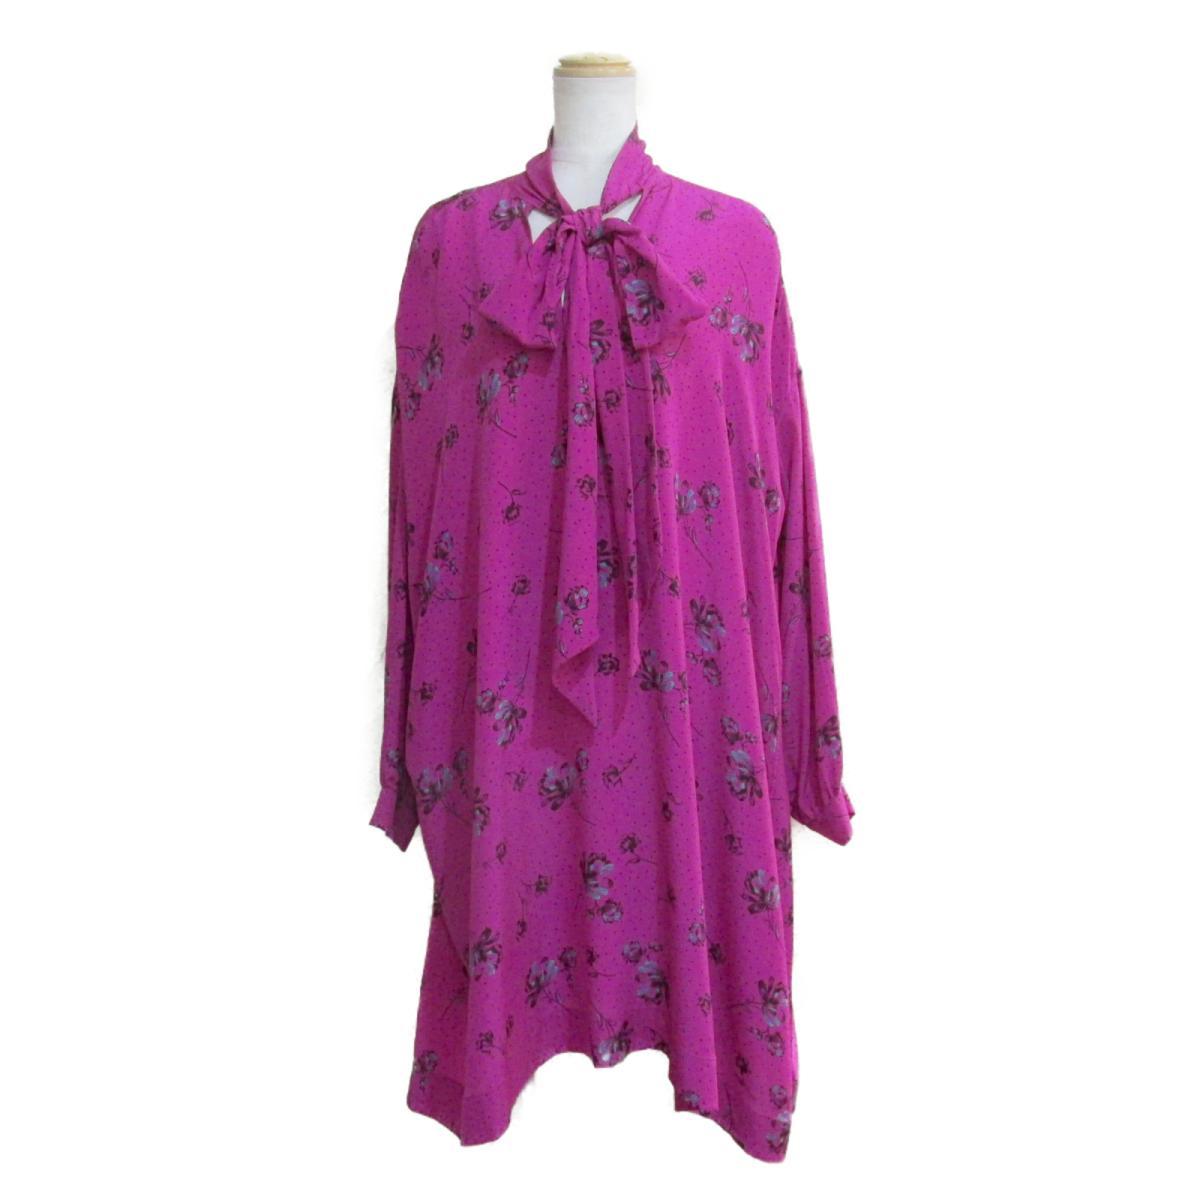 【中古】 バレンシアガ ワンピース レディース シルク100% ピンク × ブラック ライトブルー | BALENCIAGA BRANDOFF ブランドオフ 衣料品 衣類 ブランド